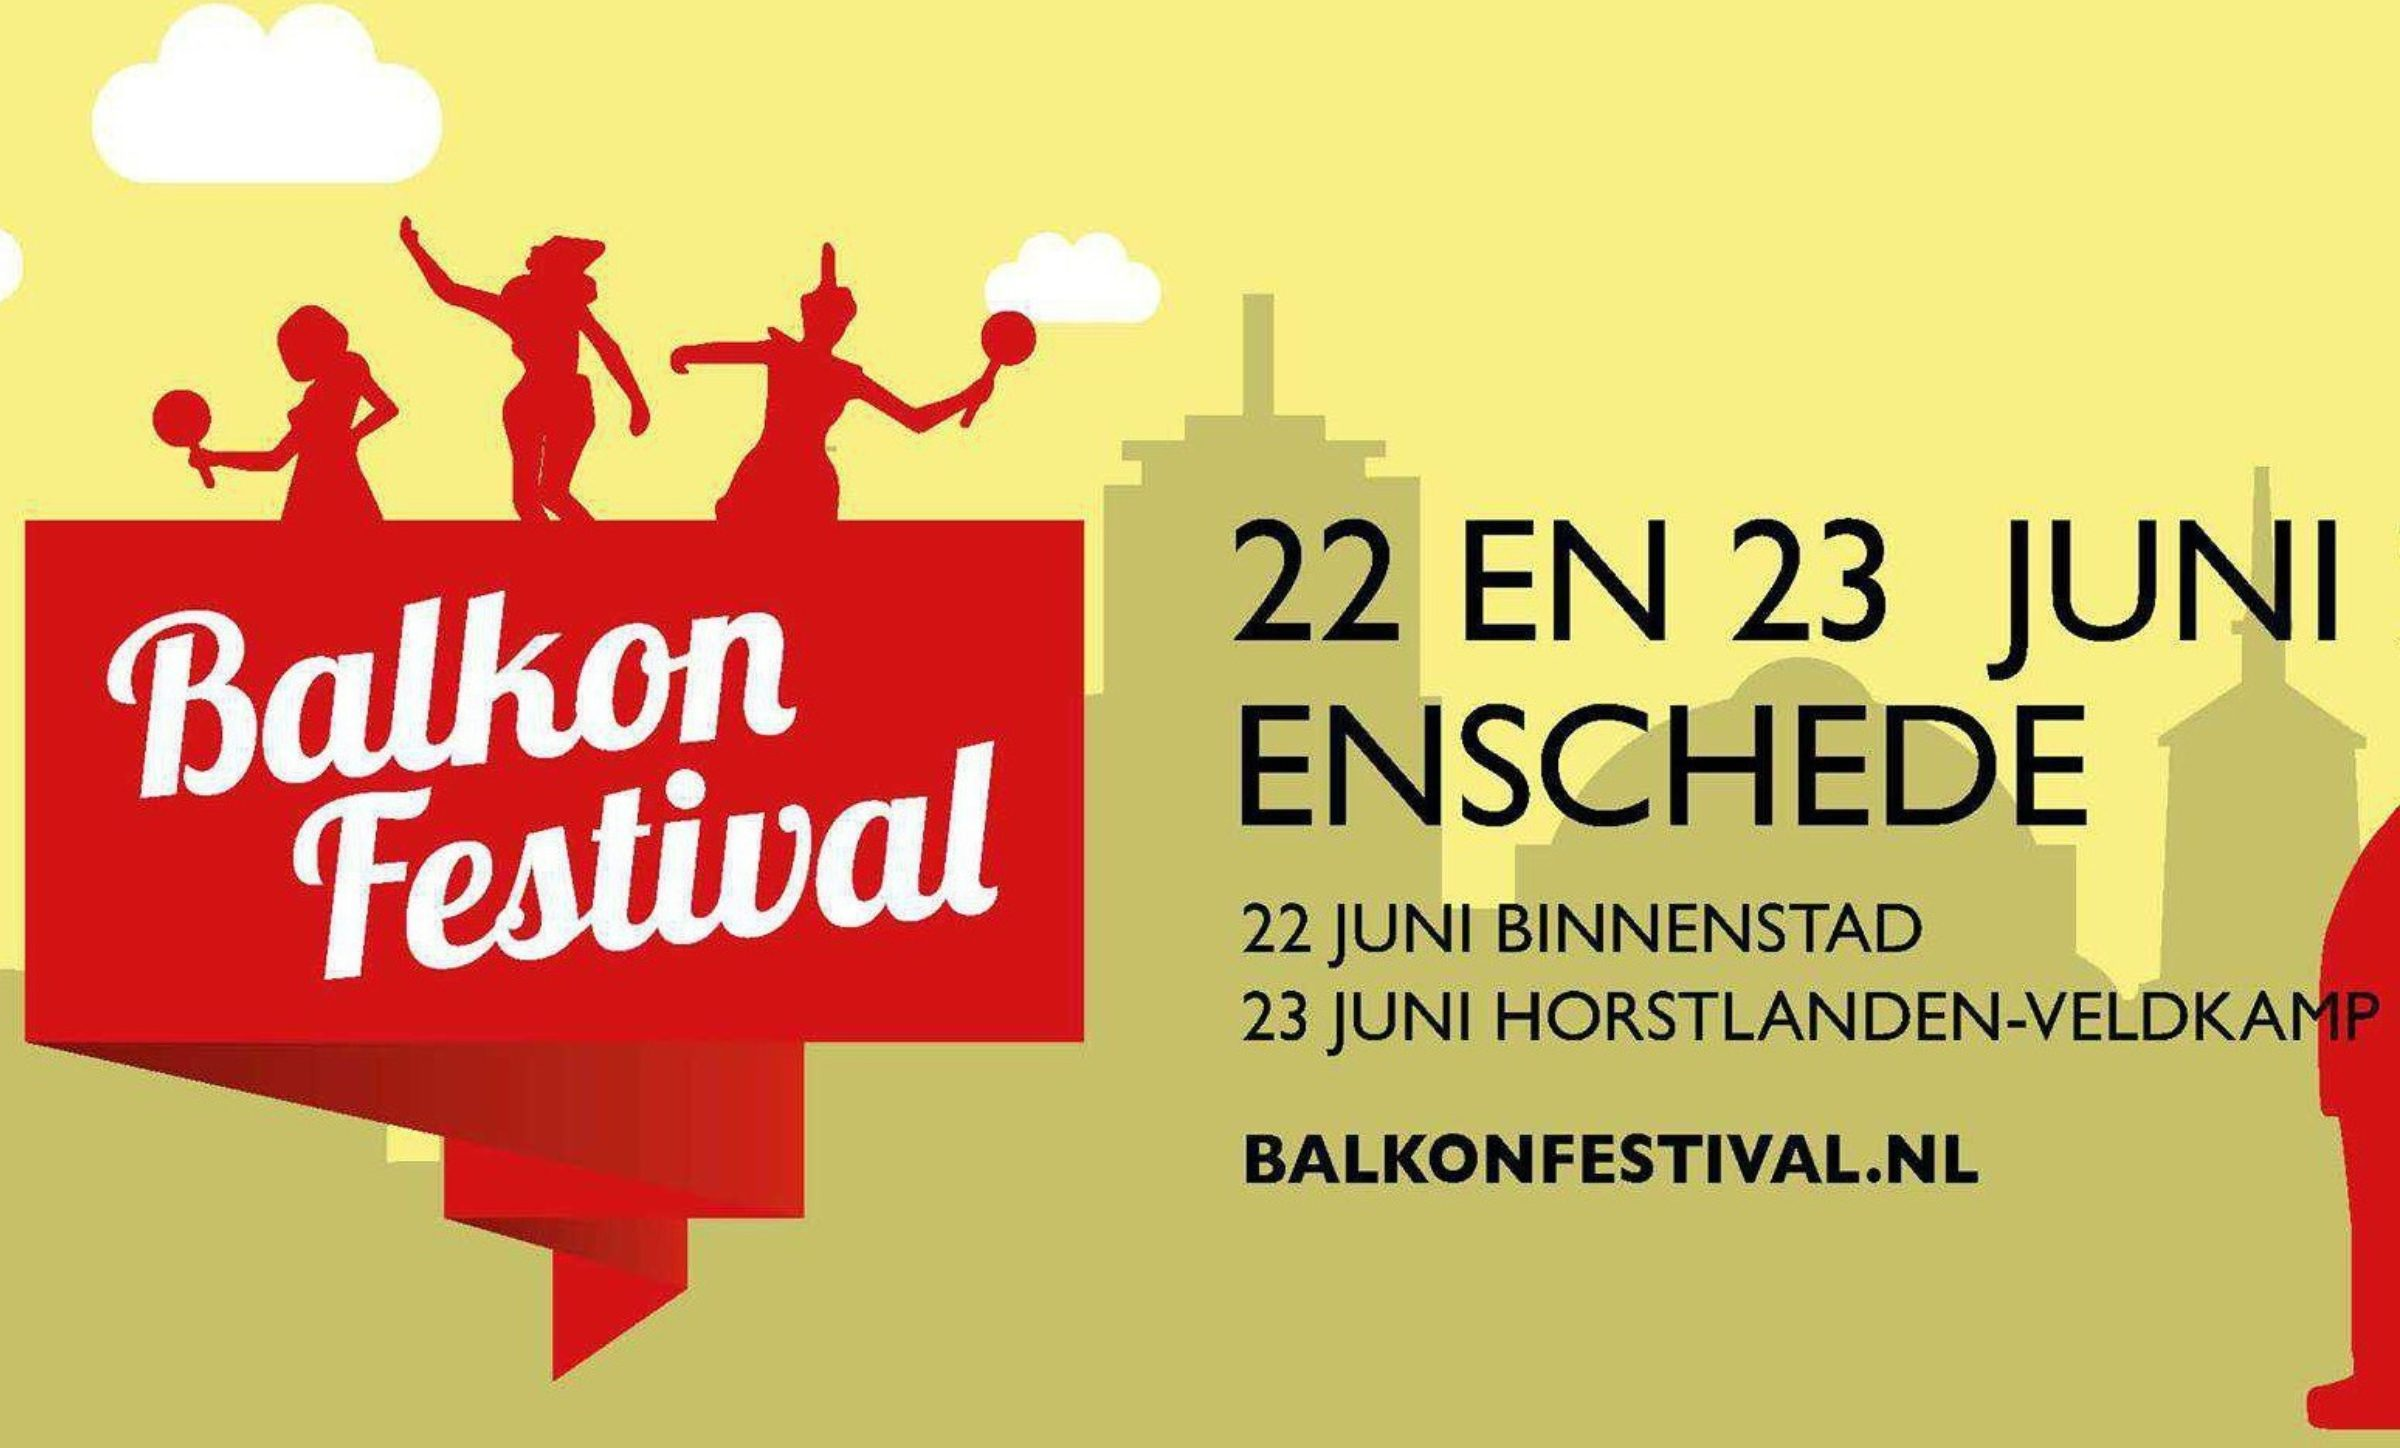 Balkon festival1 2834 1556631652 35hxgb1i6e